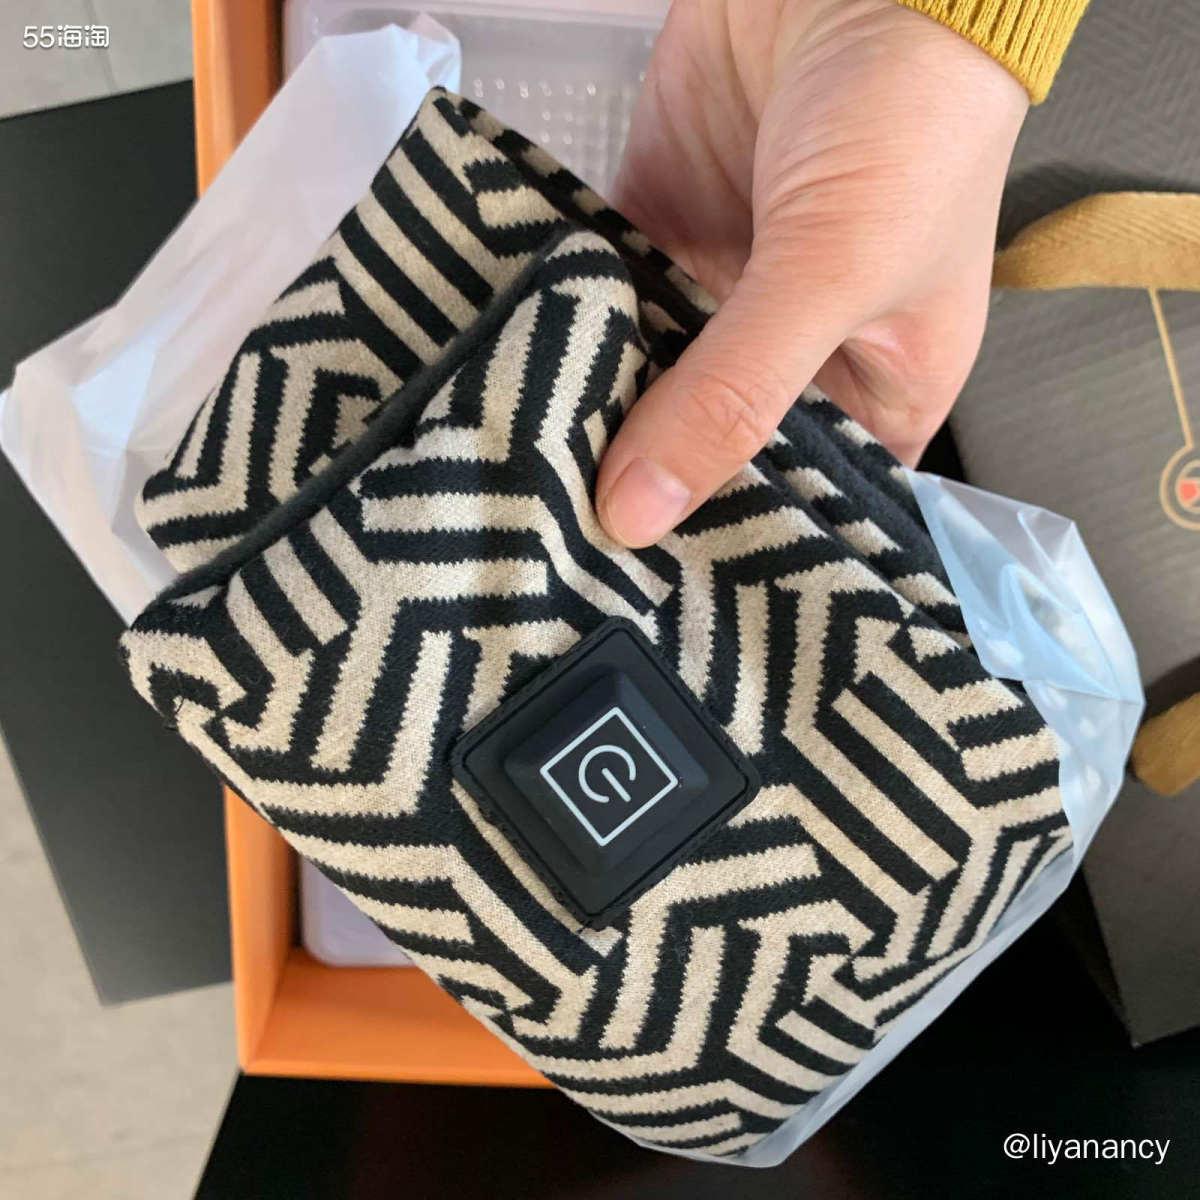 发热的围巾  ✨这个也是今天圣诞活动抽奖的奖品,叫做发热的围